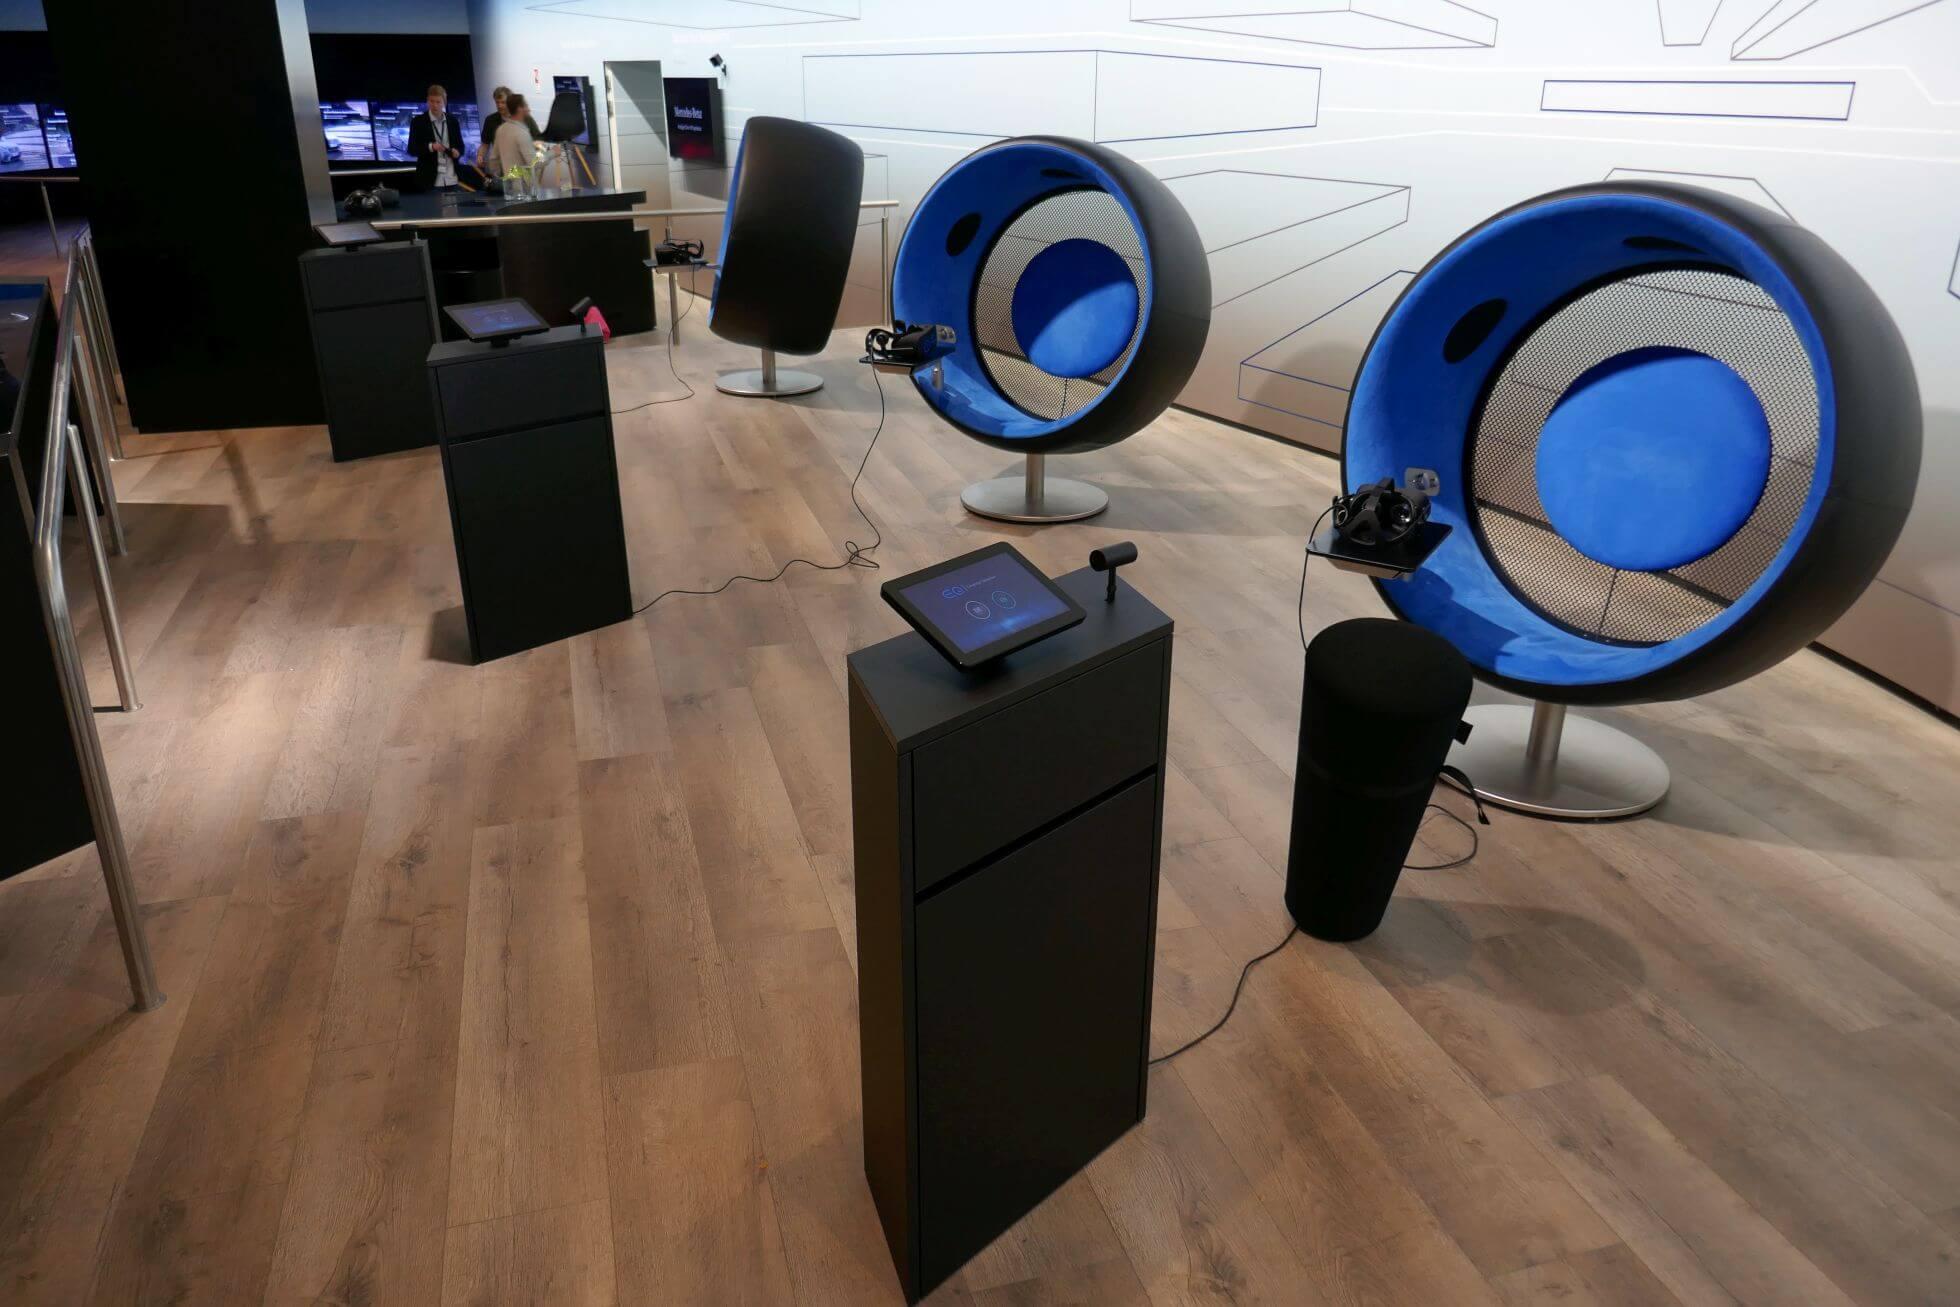 Bequem auf den EQ Sonic Chairs eine VR-Demo mit Oculus Rift erleben.